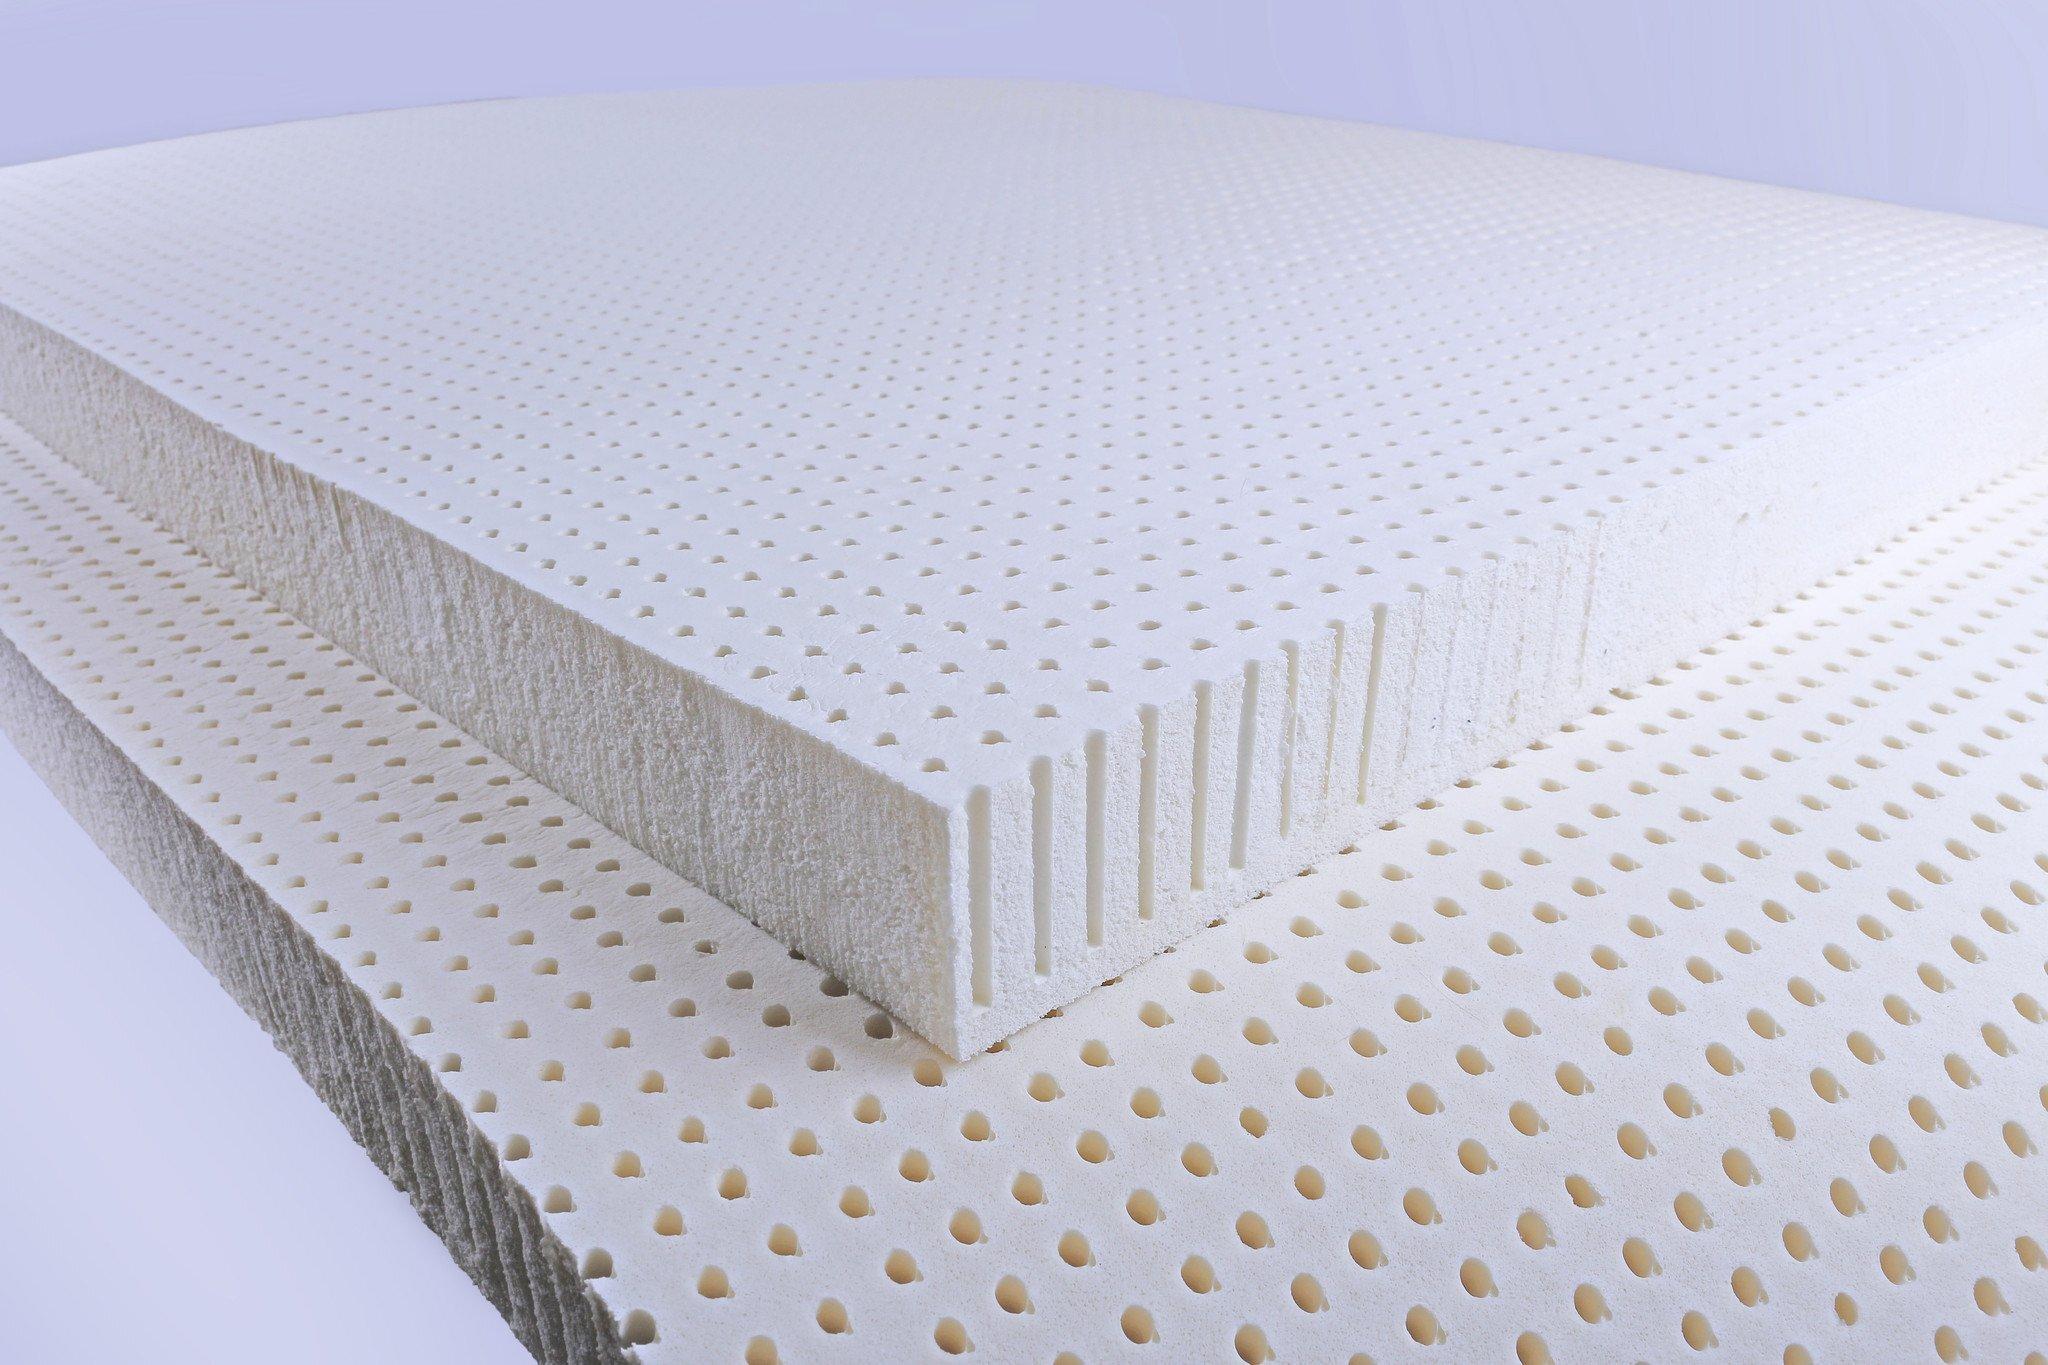 Đệm cao su có độ bền cao và dễ vệ sinh